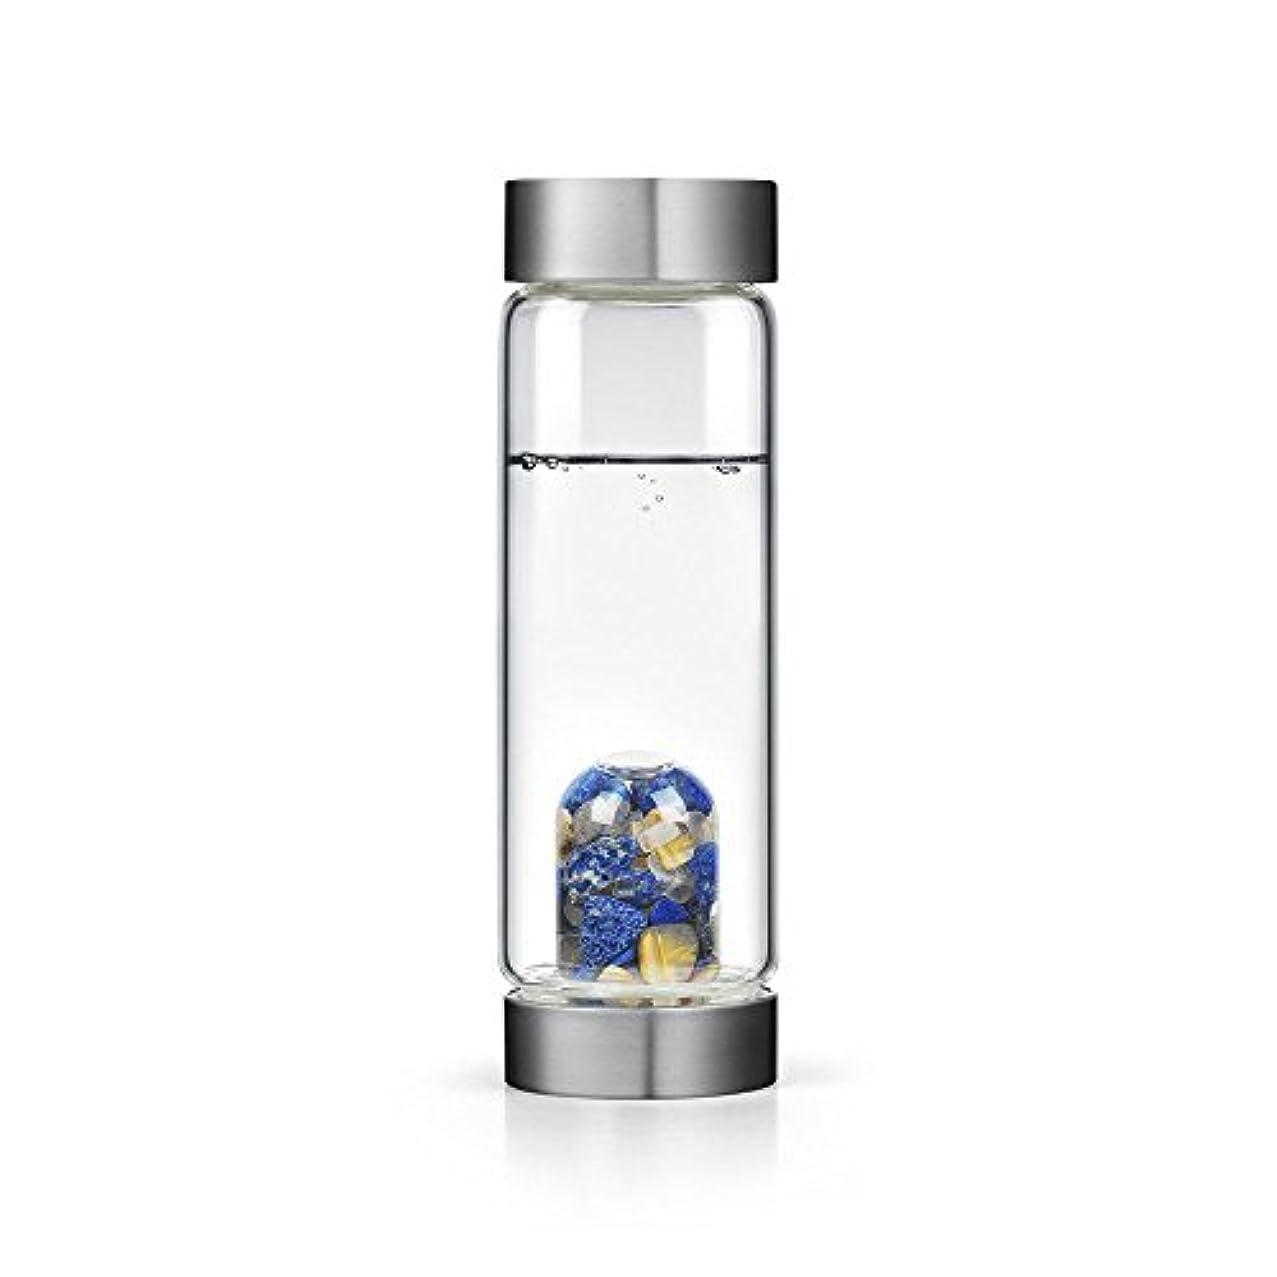 製造爆発不当インスピレーションgem-waterボトルby VitaJuwel W / Freeカリフォルニアホワイトセージバンドル 16.9 fl oz